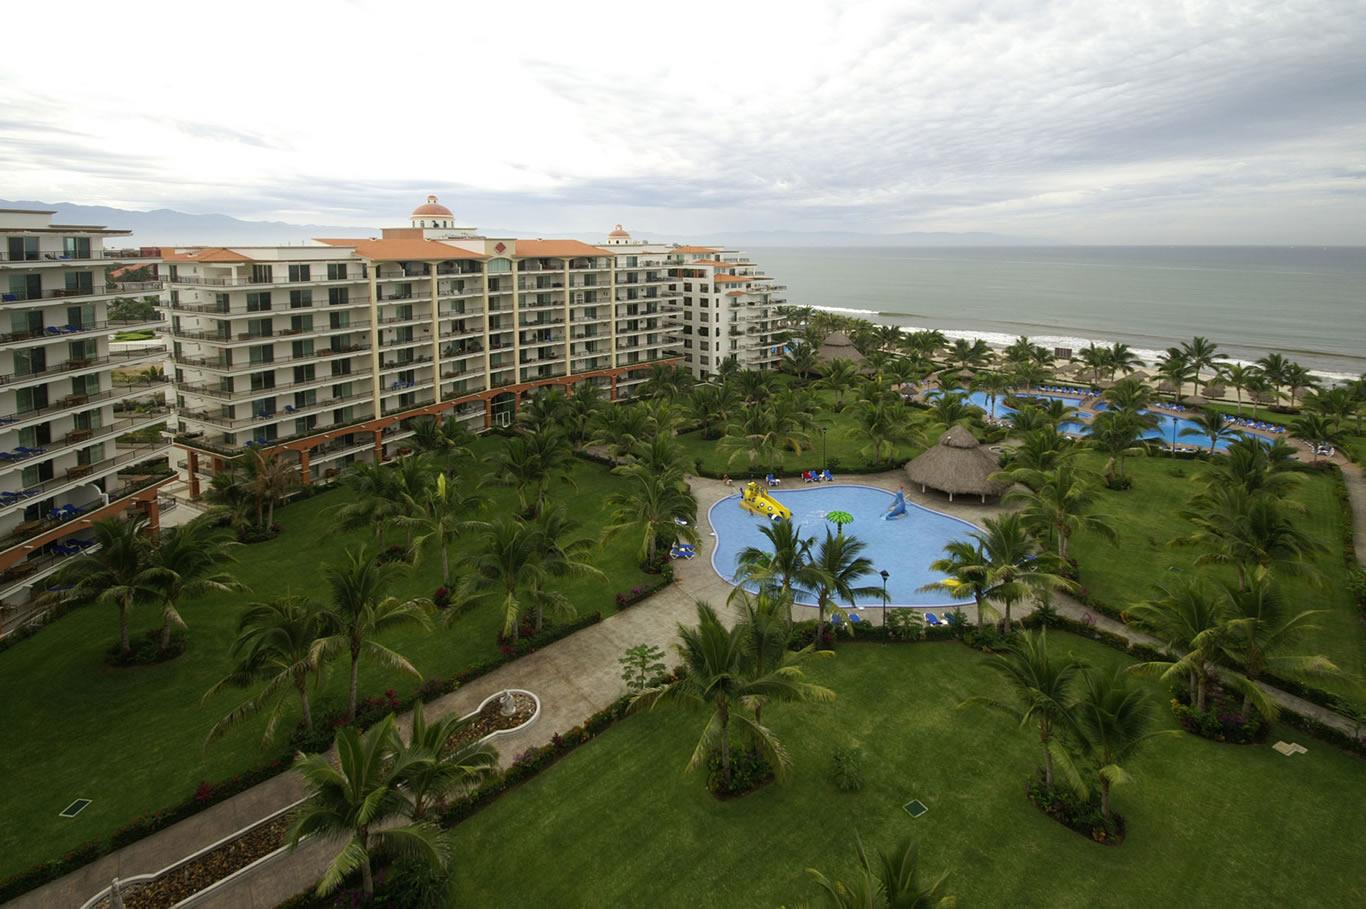 vista-aerea-desarrollo-playa-royale-en-nuevo-vallarta